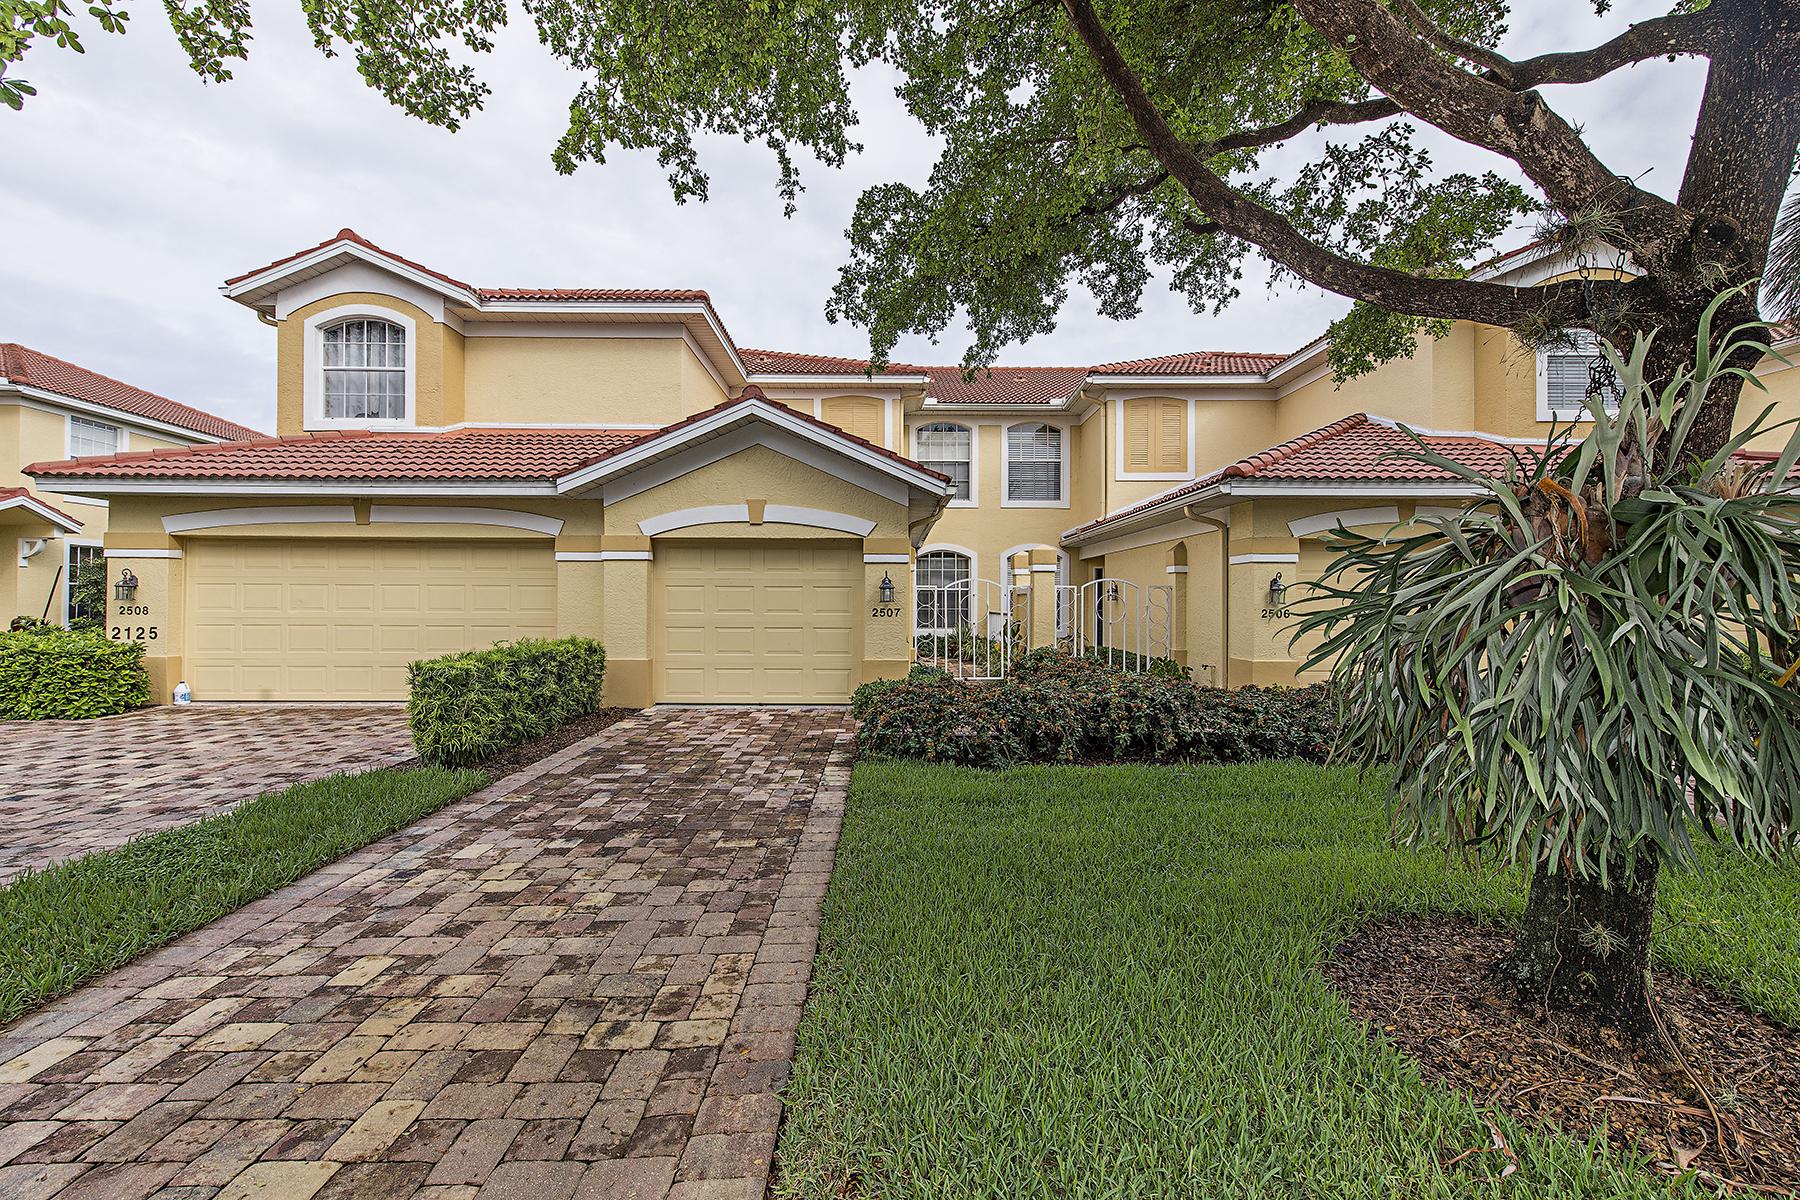 共管式独立产权公寓 为 销售 在 Naples 2125 Arielle Dr 2507, 那不勒斯, 佛罗里达州, 34109 美国